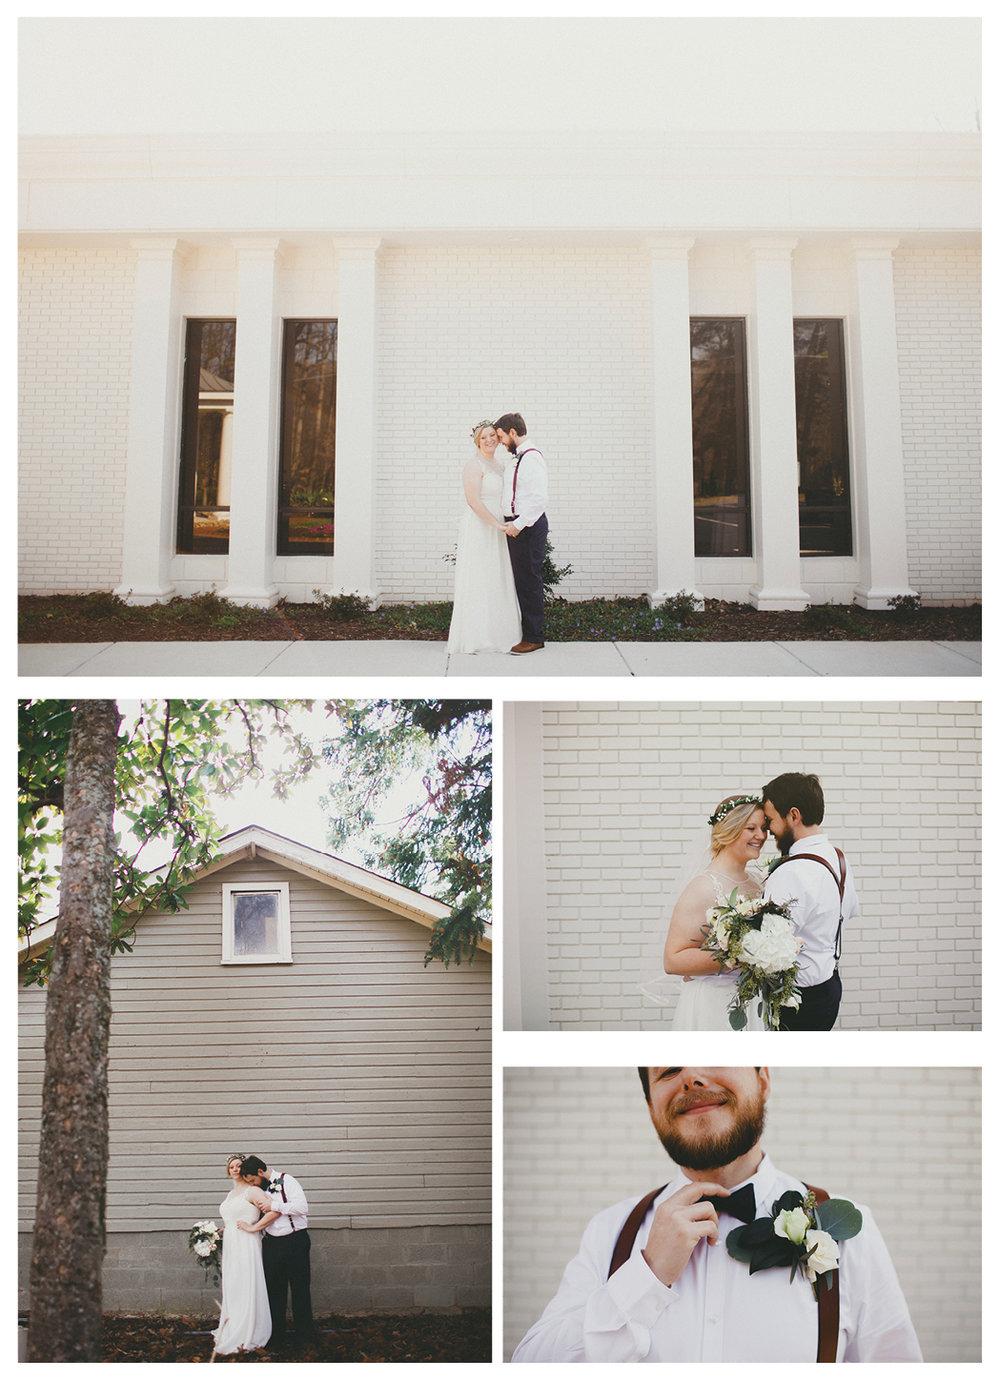 Adam+Mollie22.jpg